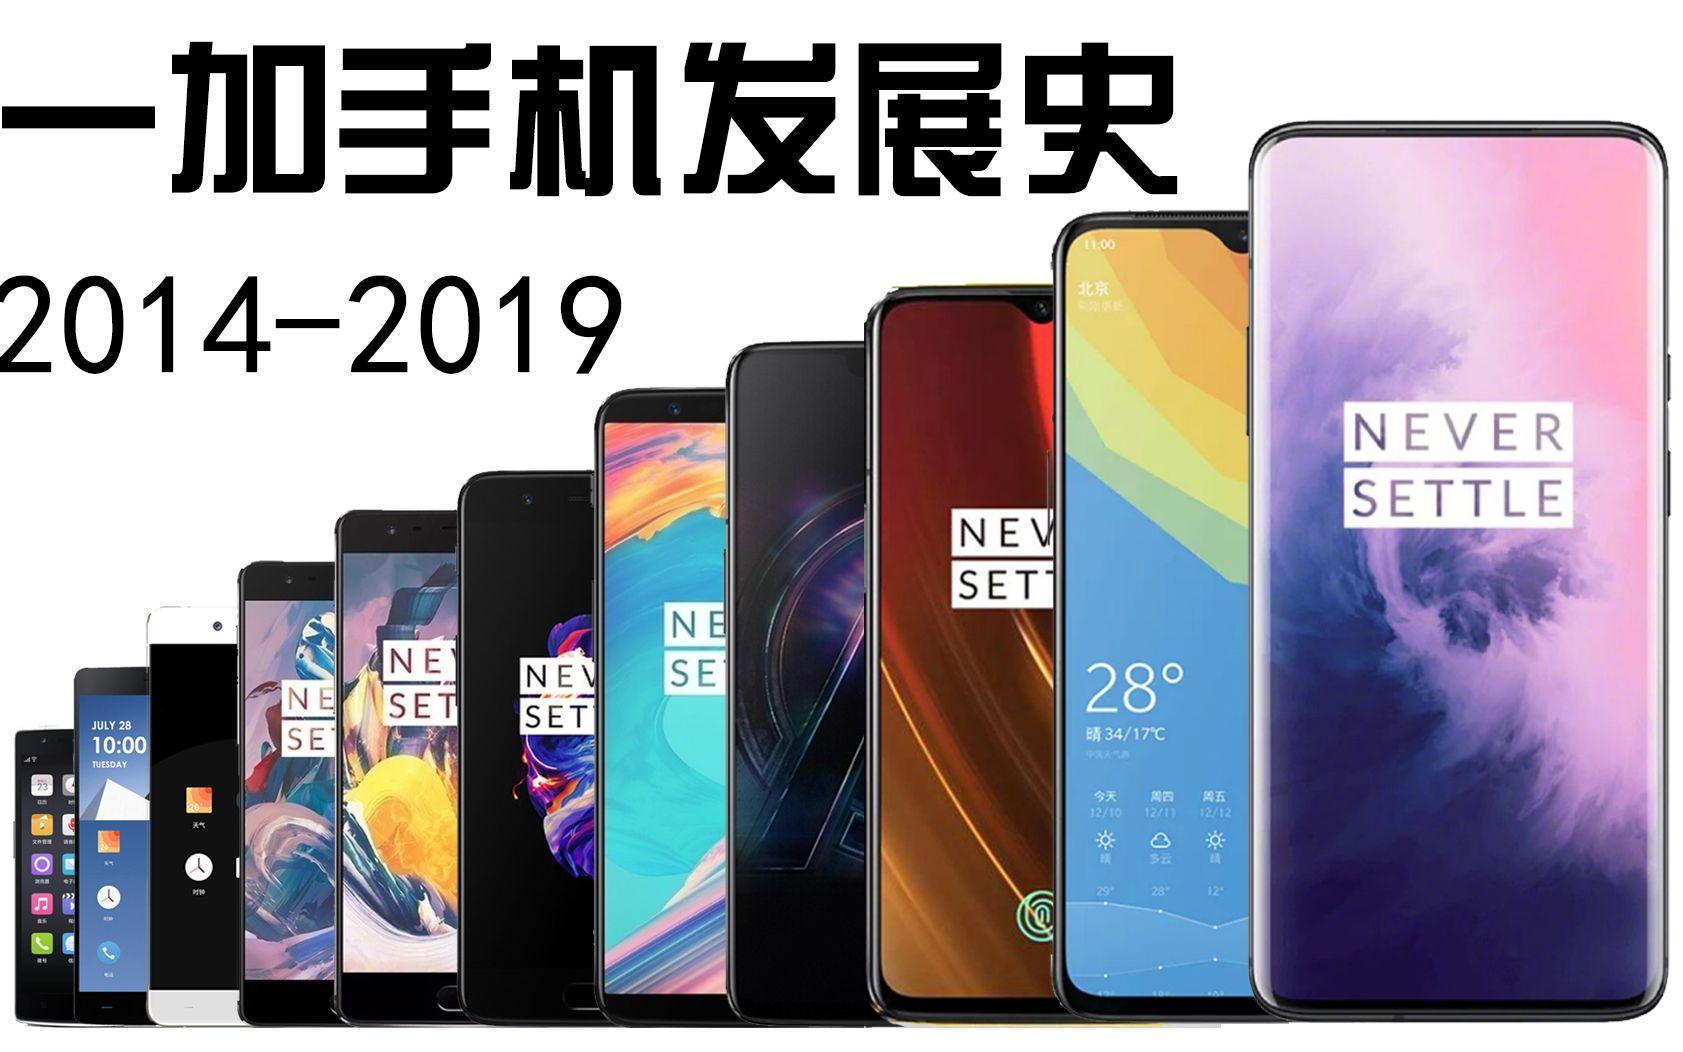 不将就——一加系列手机发展史(2014-2019)_哔哩哔哩 (゜-゜)つロ 干杯~-bilibili